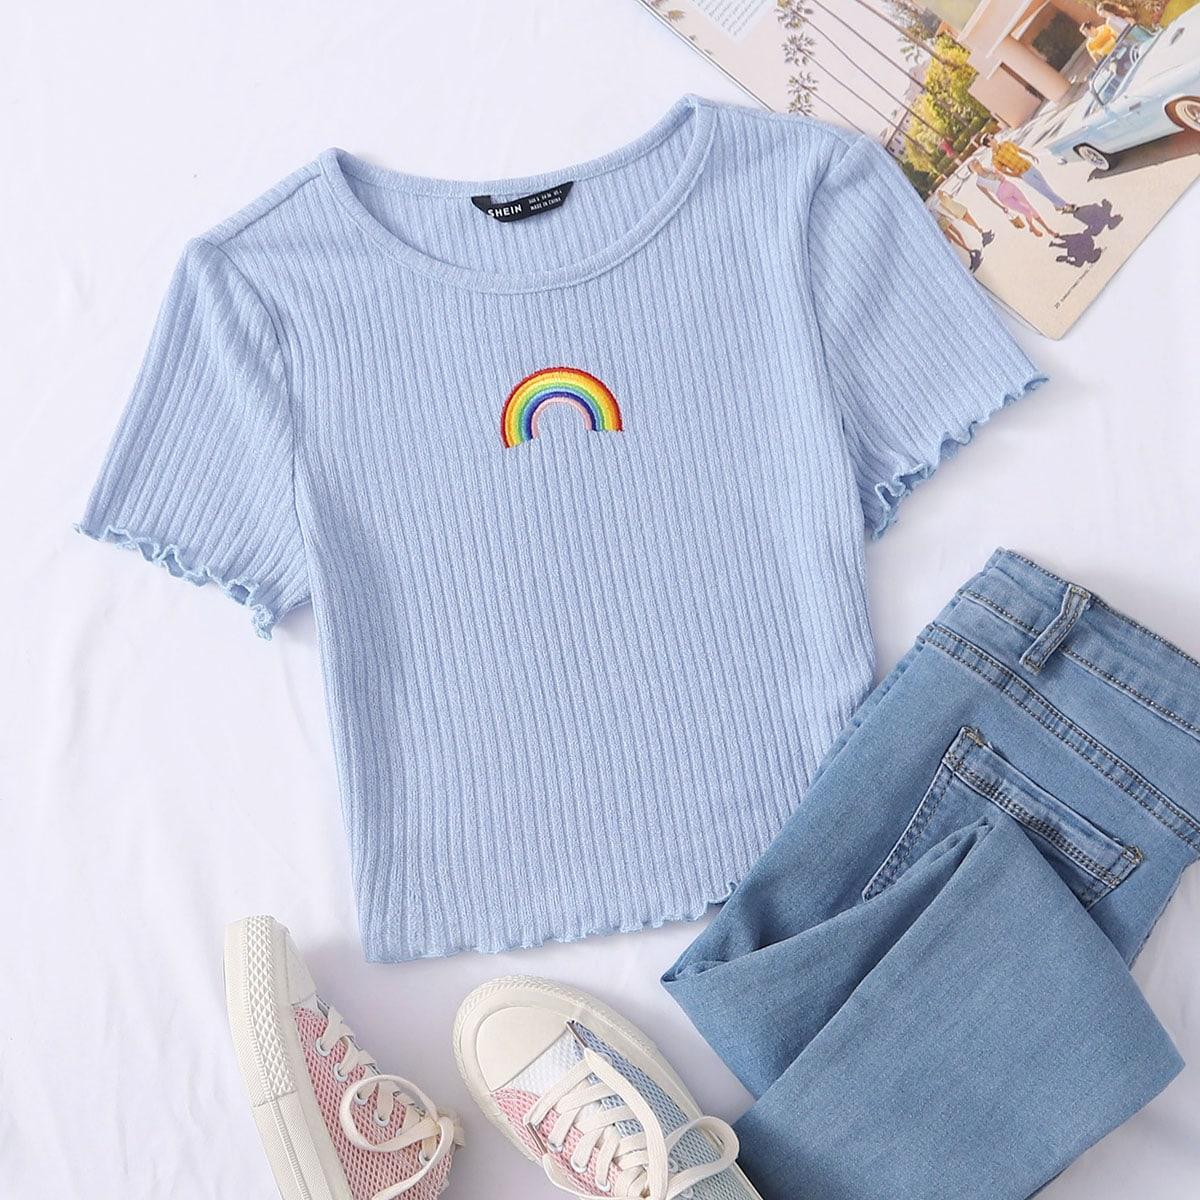 Трикотажная футболка с вышивкой фото